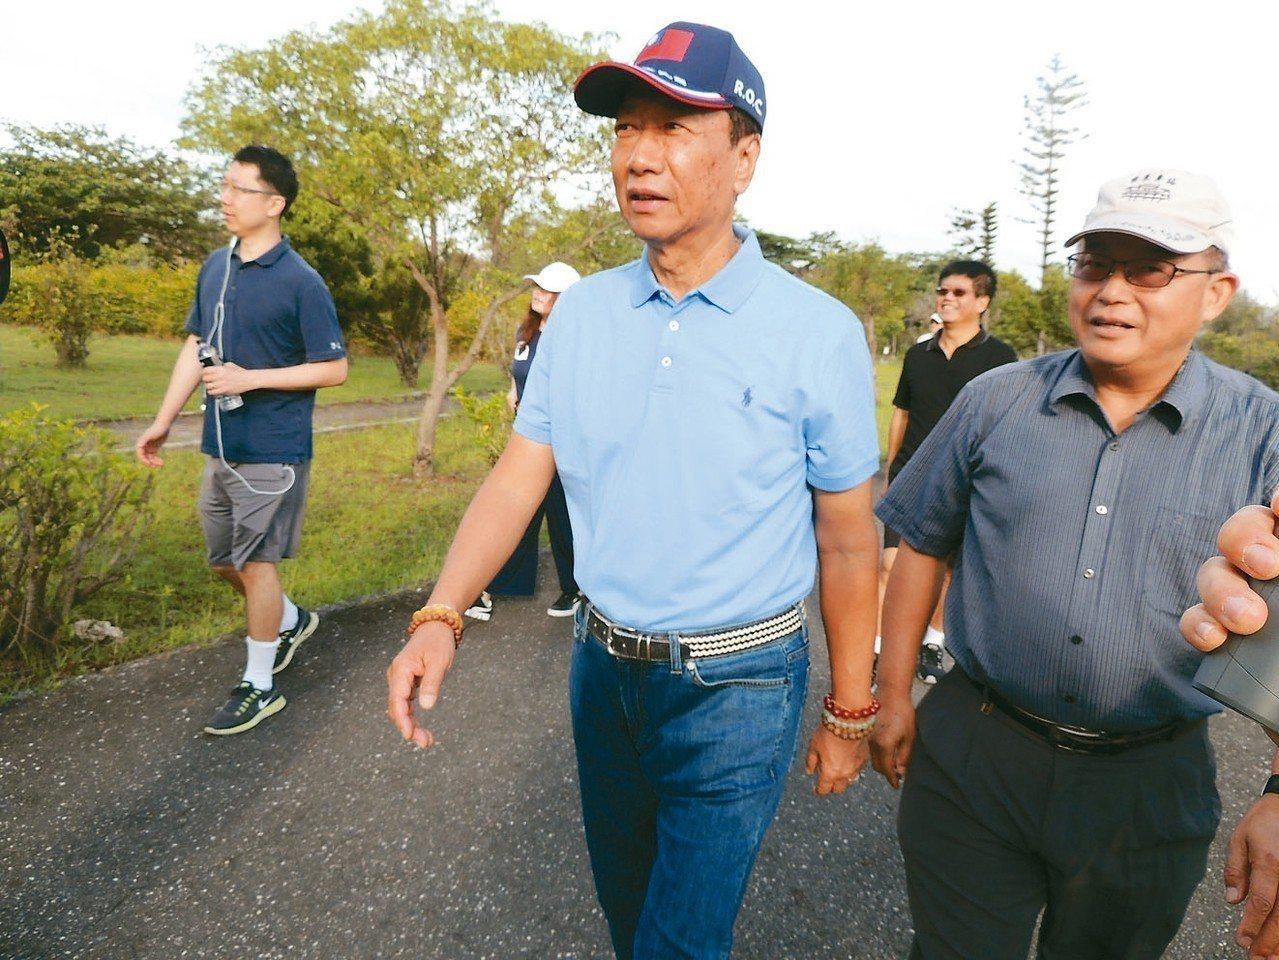 鴻海董事長郭台銘今晨前往台東森林公園散步。 記者羅紹平/攝影